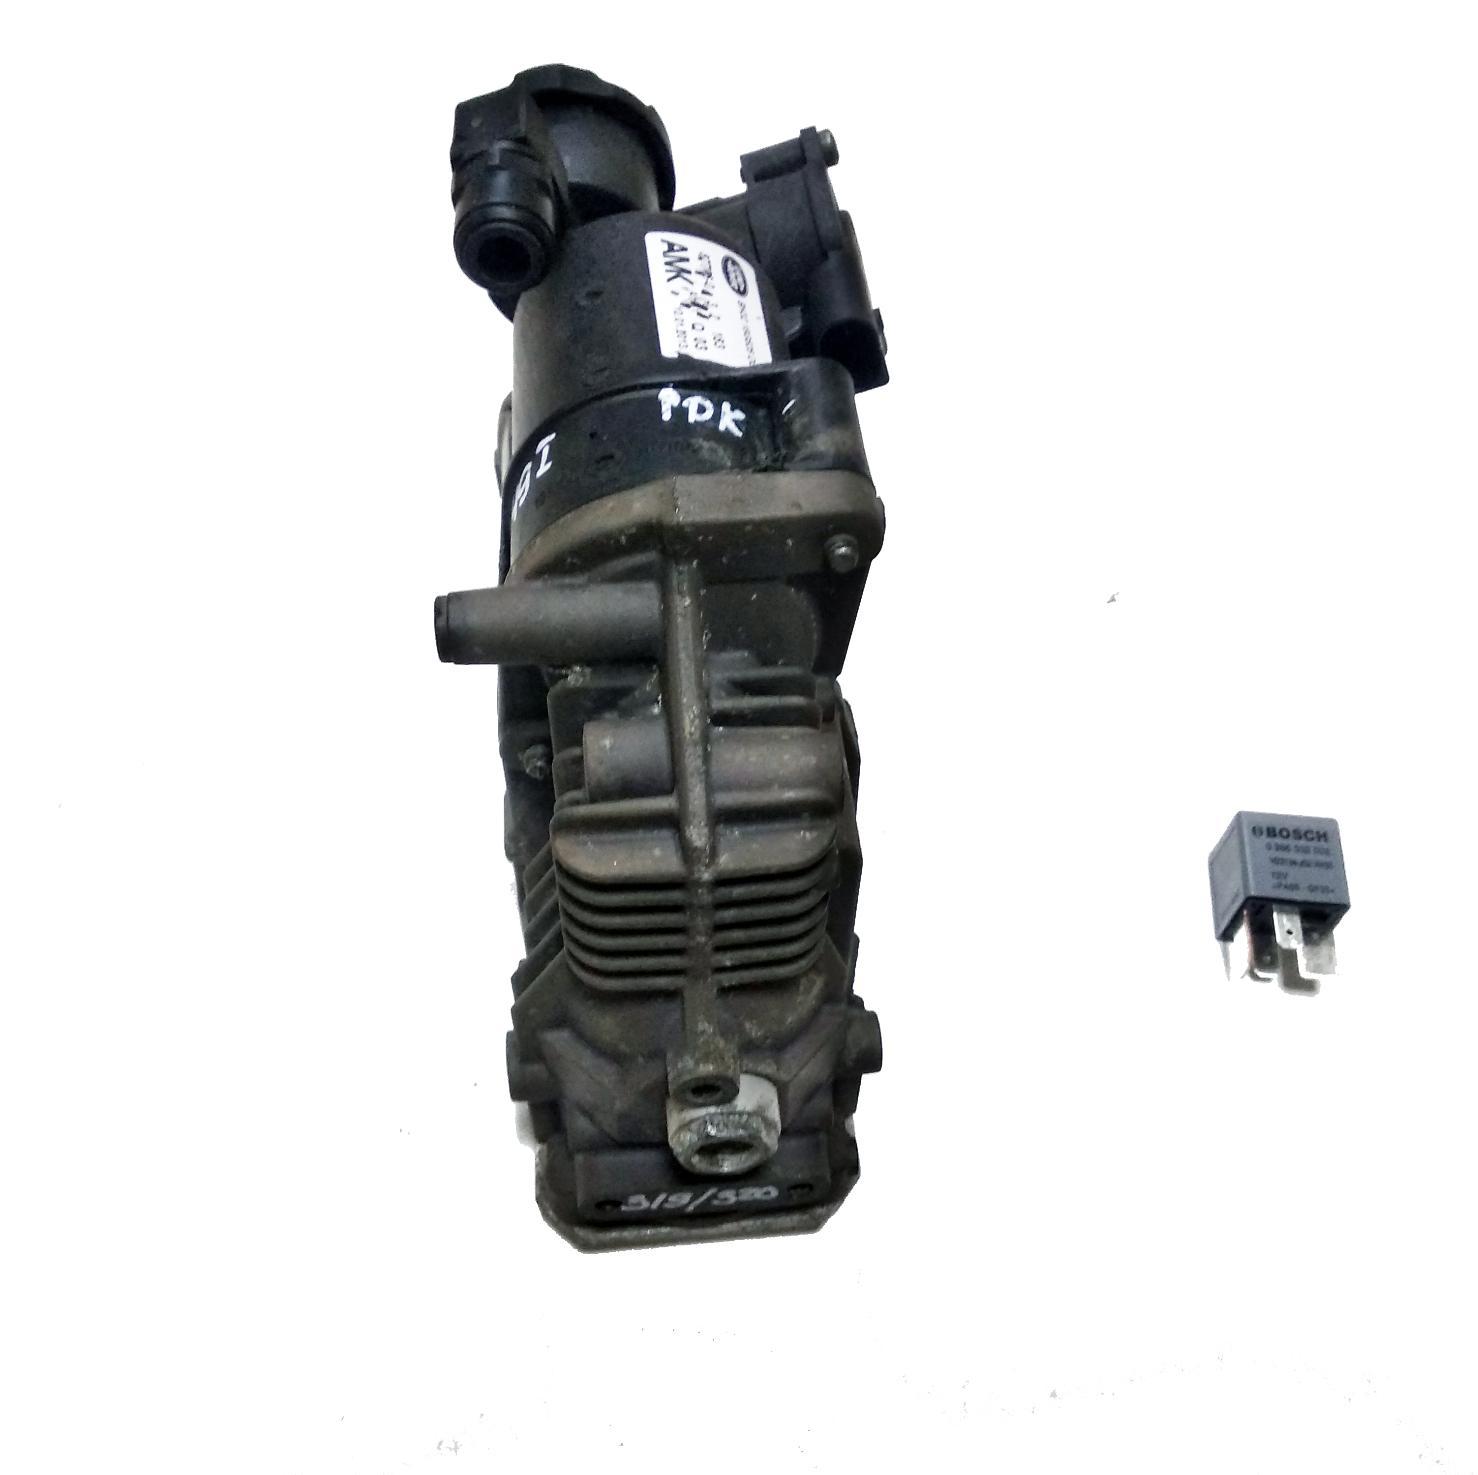 картинка Оригинальный восстановленный компрессор пневмоподвески AMK LR072537 для Land Rover L319 Discovery 3 4 / L320 Range Rover Sport от магазина пневмоподвески ПневмоМаркет